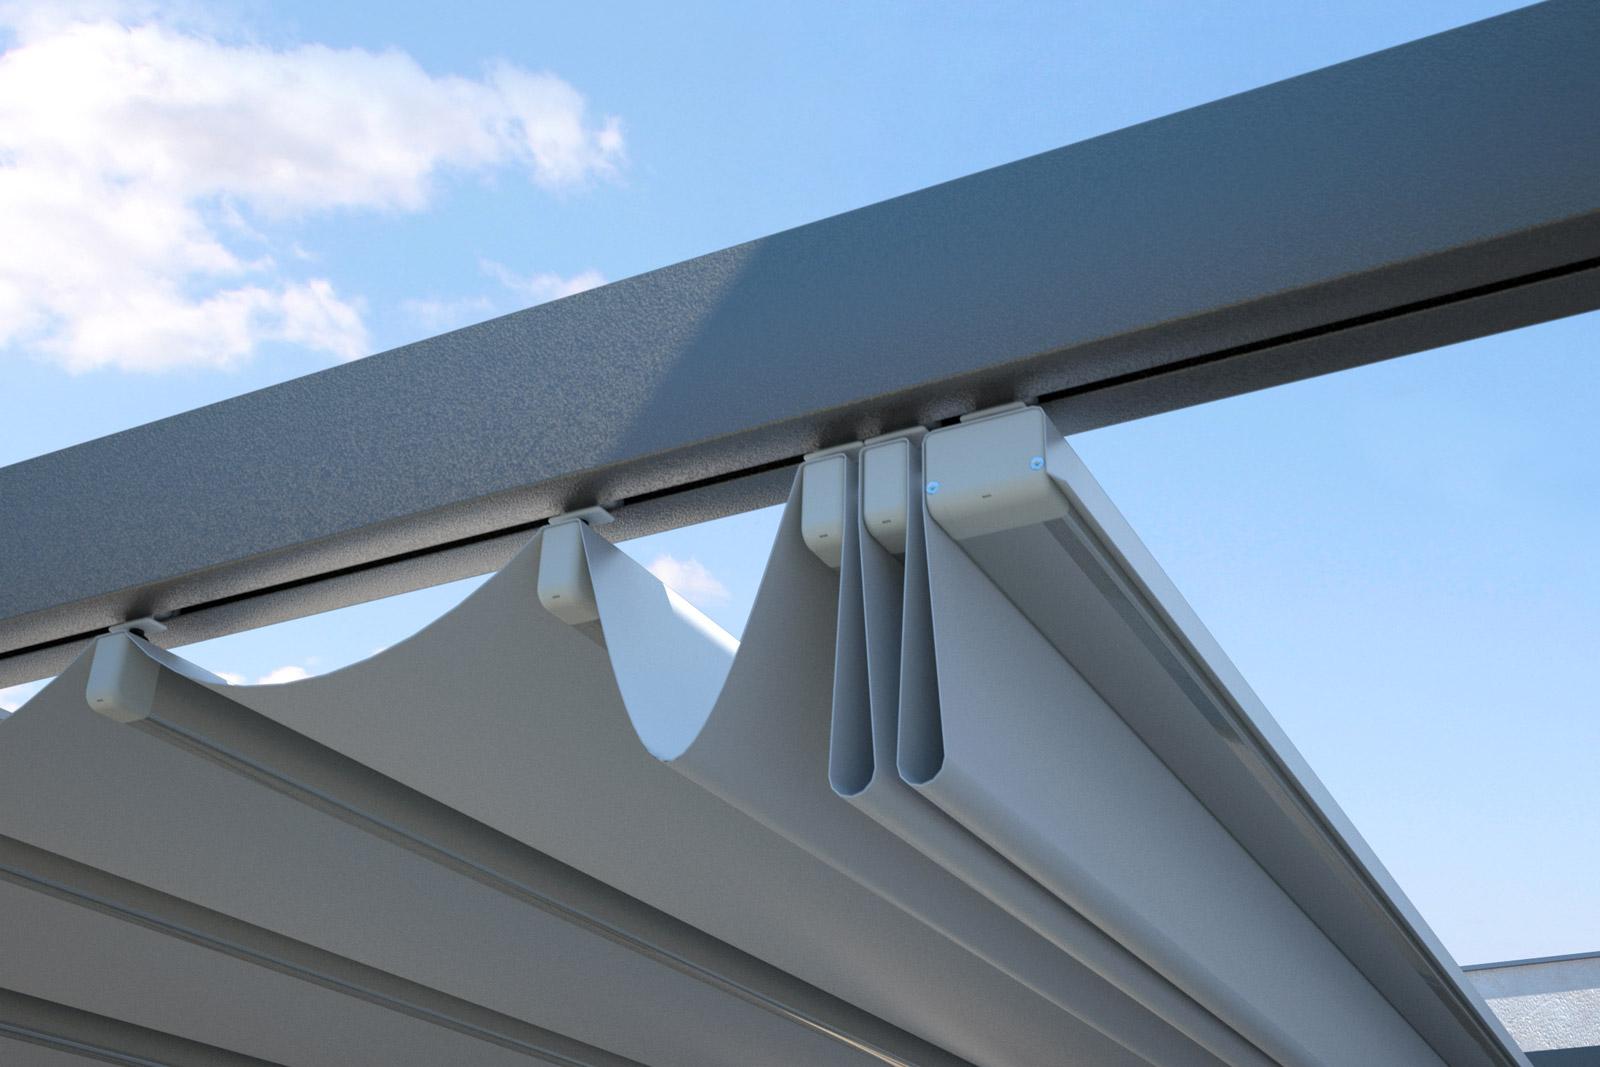 Copertura Per Esterni Plastica.Copertura Per Esterni In Alluminio One Con Telo Impacchettabile